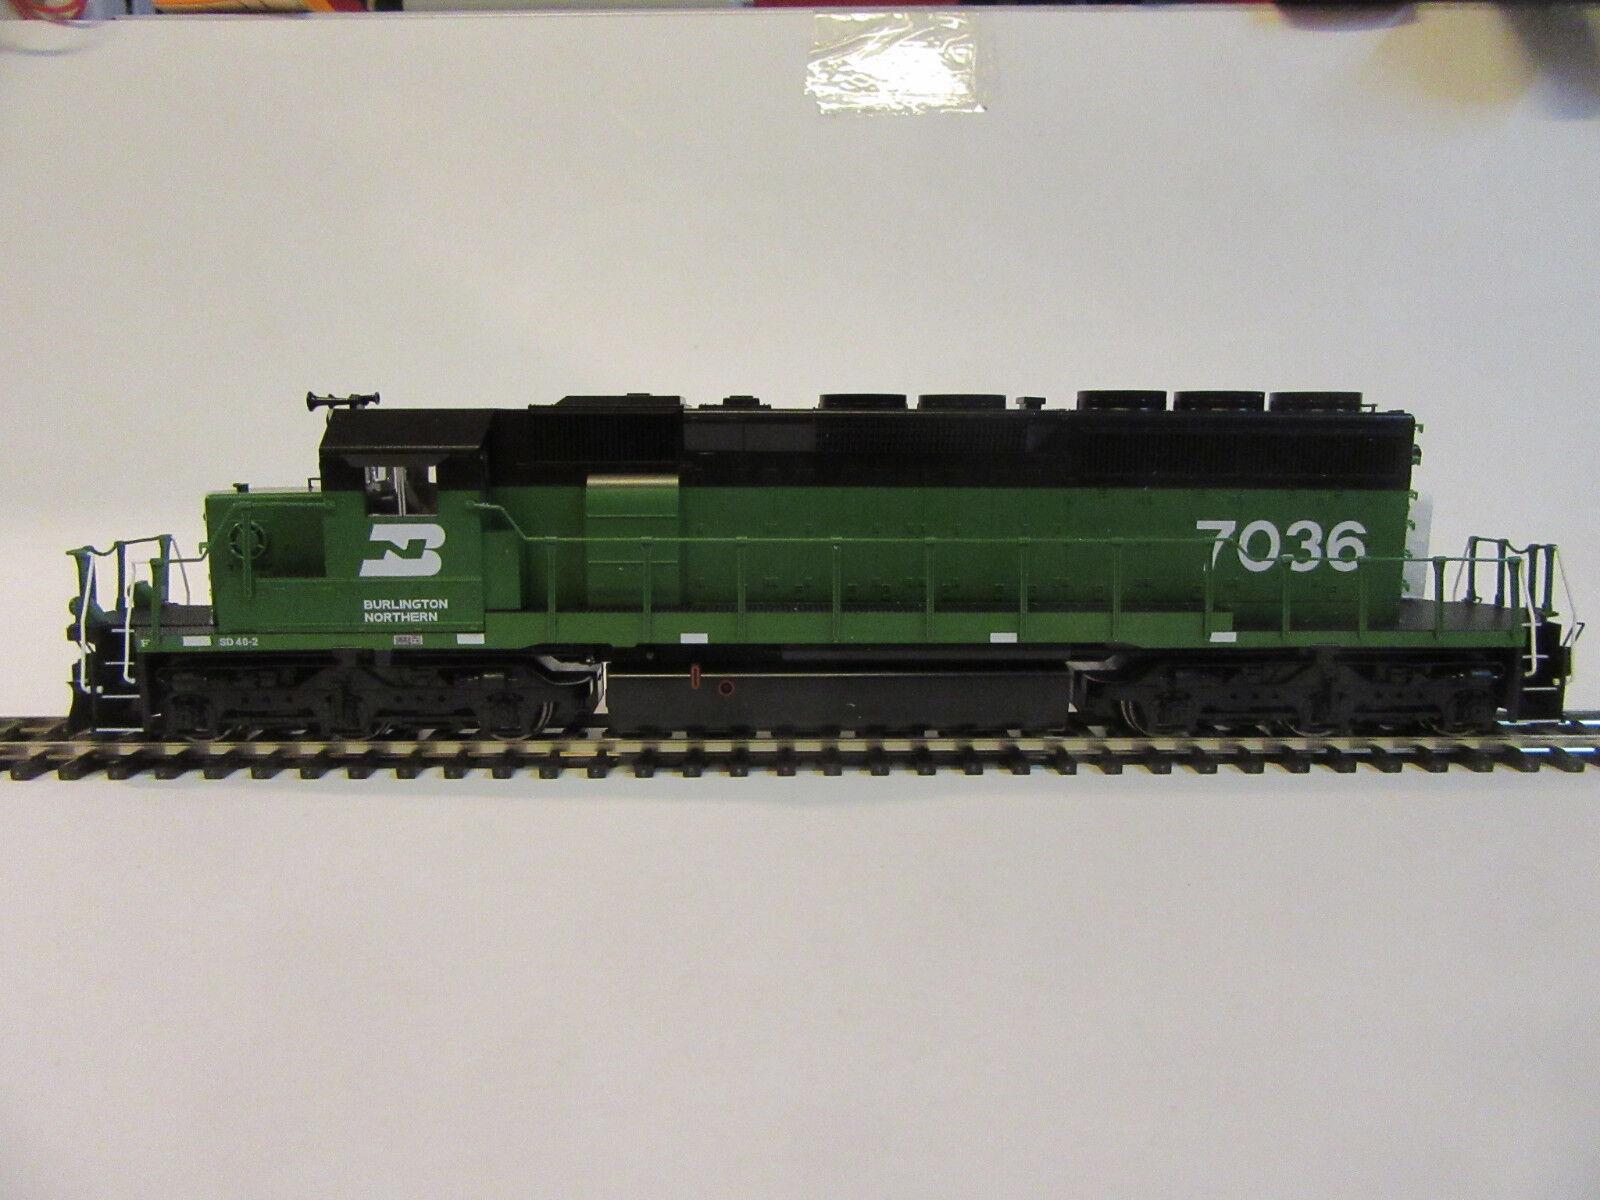 Kato diesellok burlington northern EMD sd40-2 estados unidos 1 87 ferroCocheril